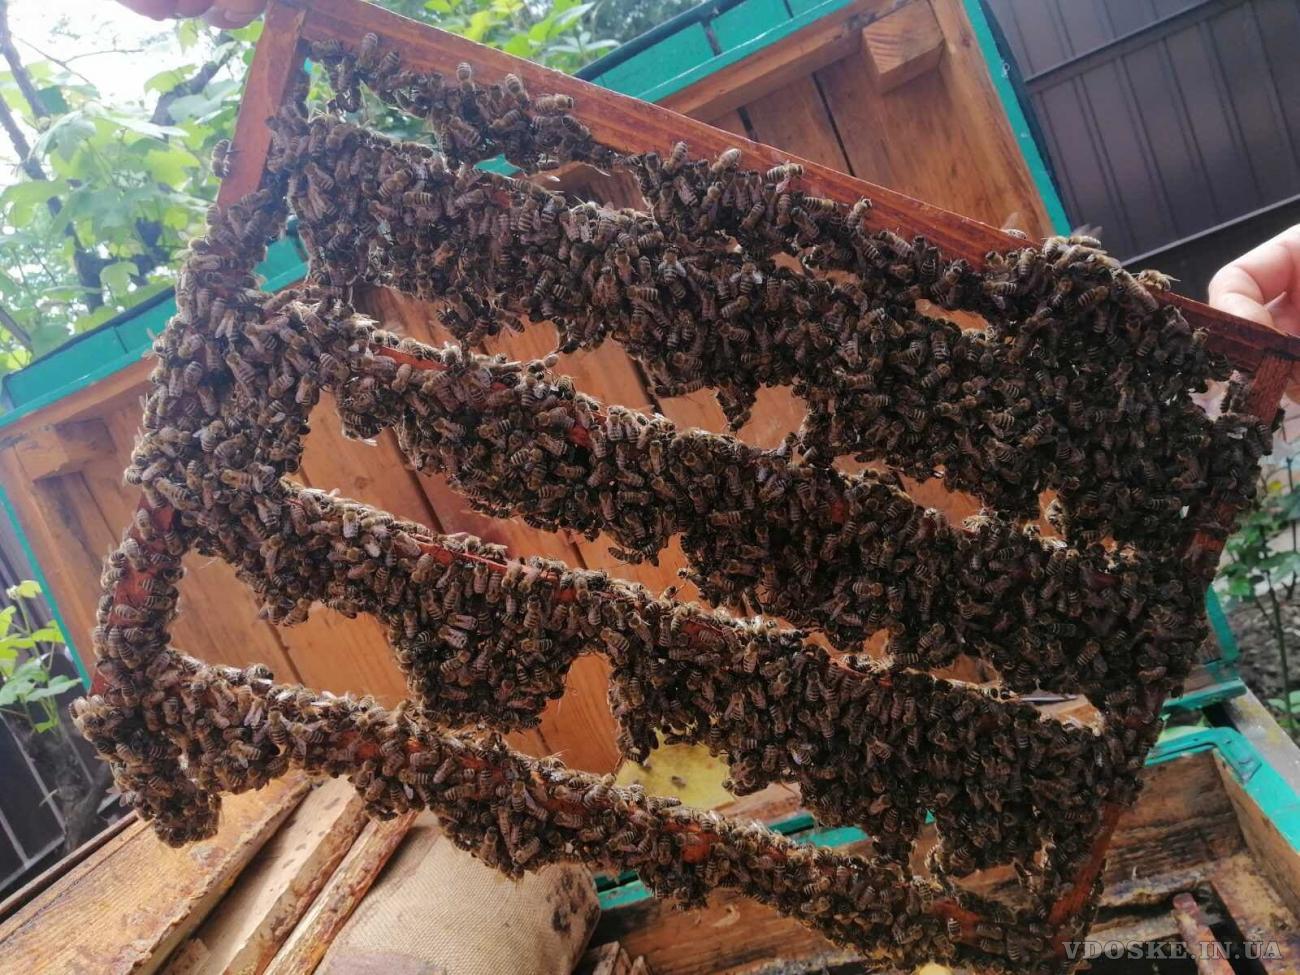 Пчелиные матки. Бджоломатки (2)